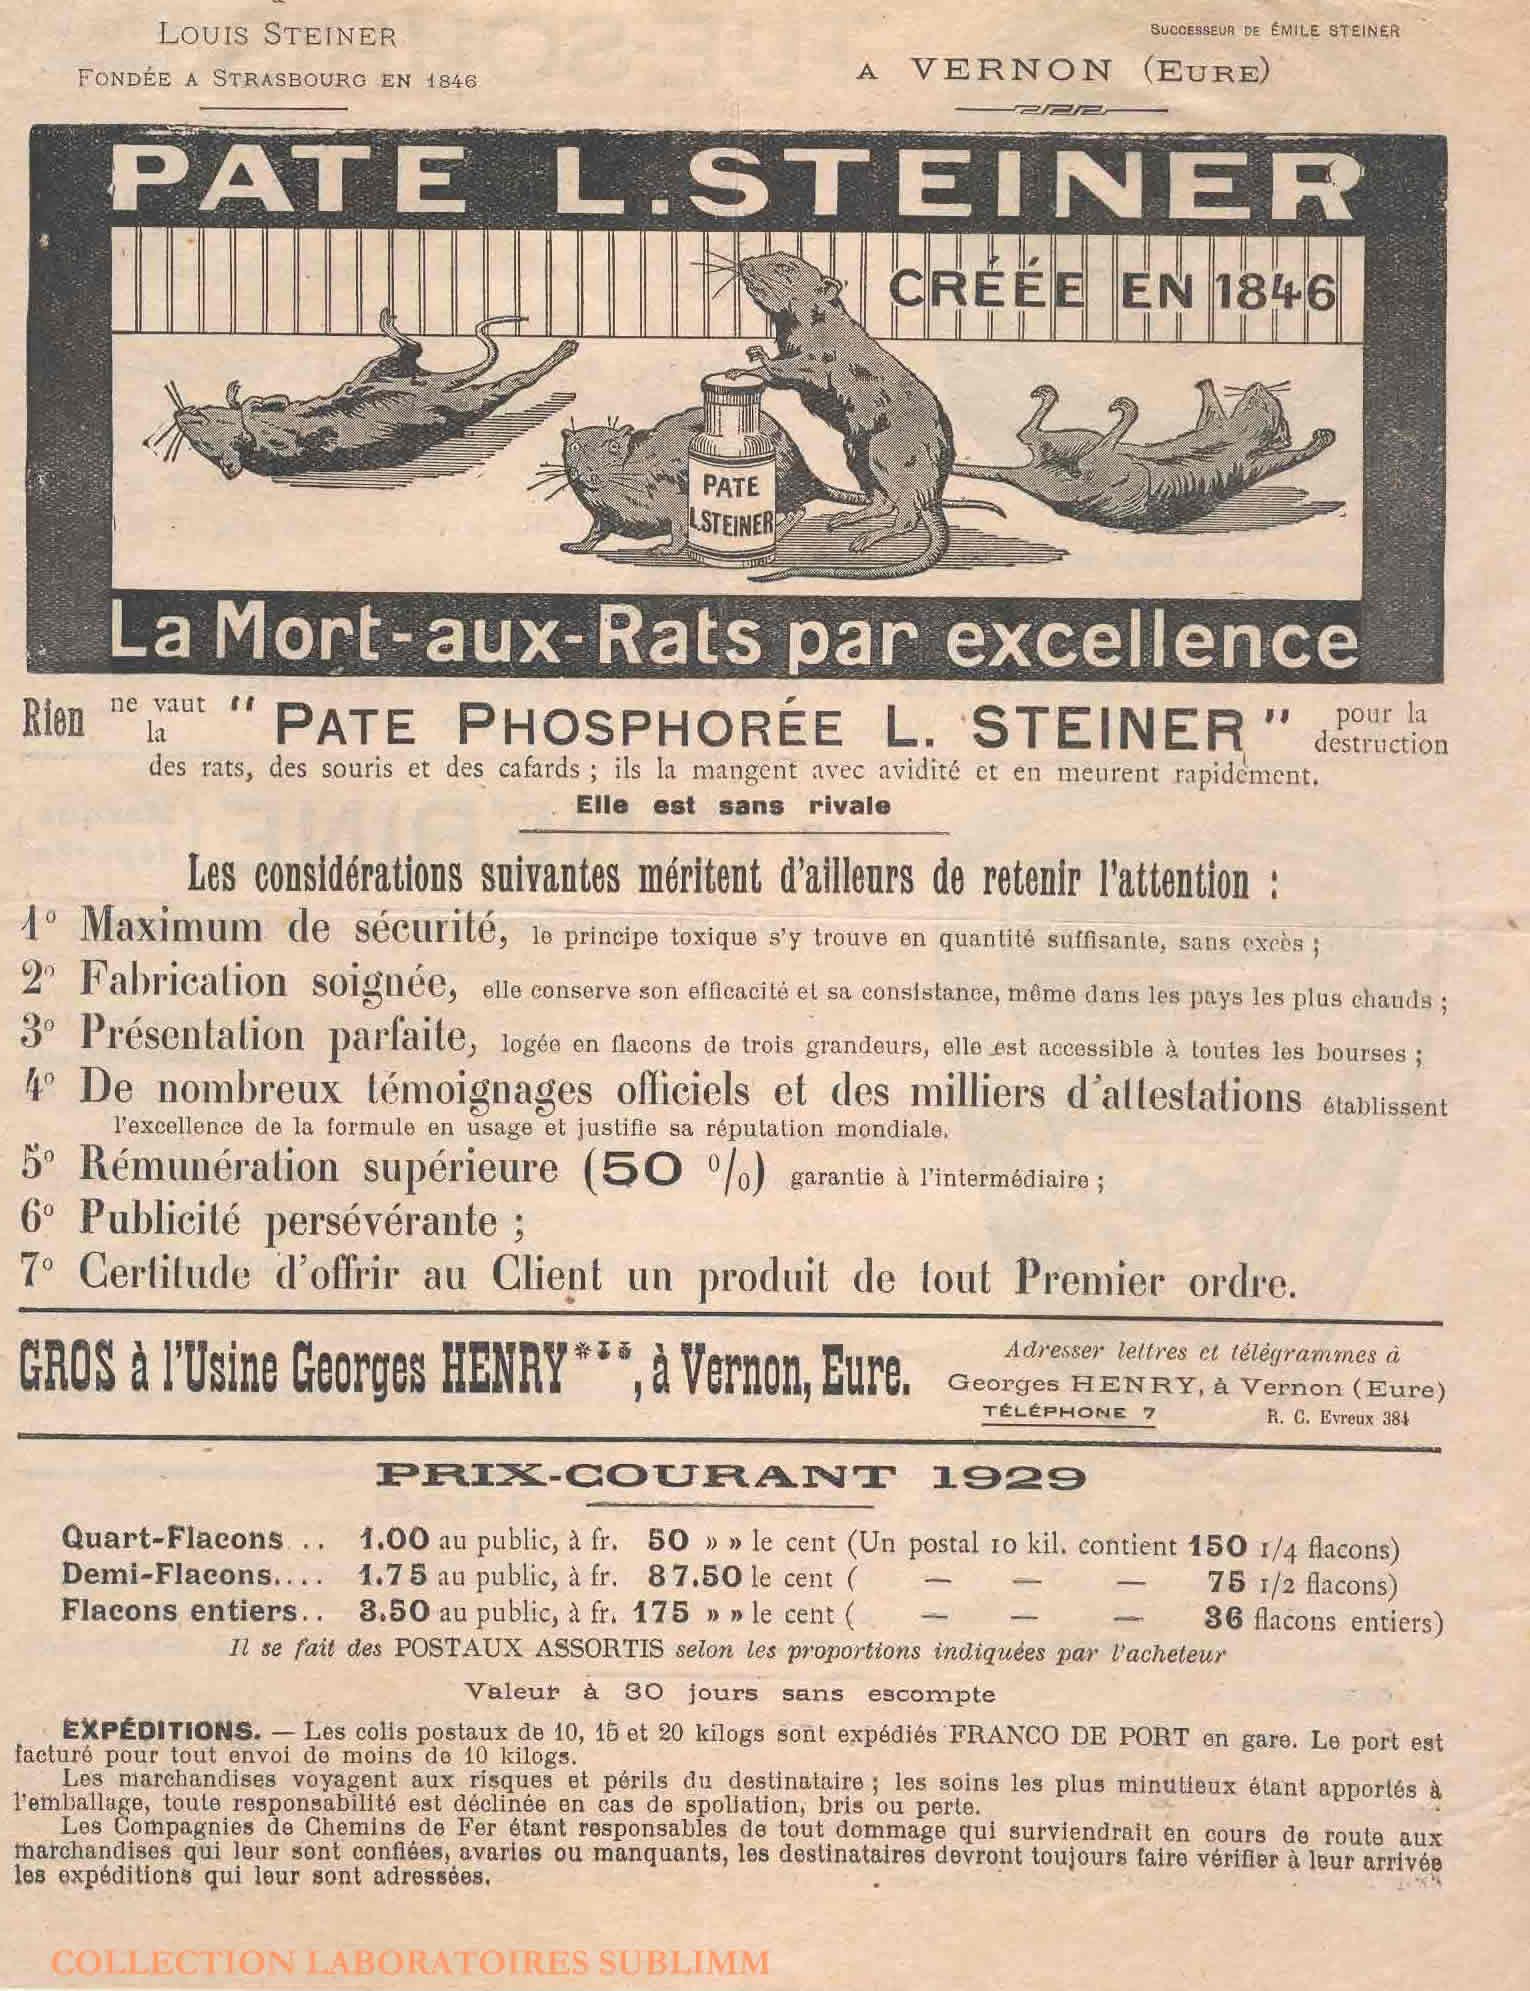 Pate L. Steiner